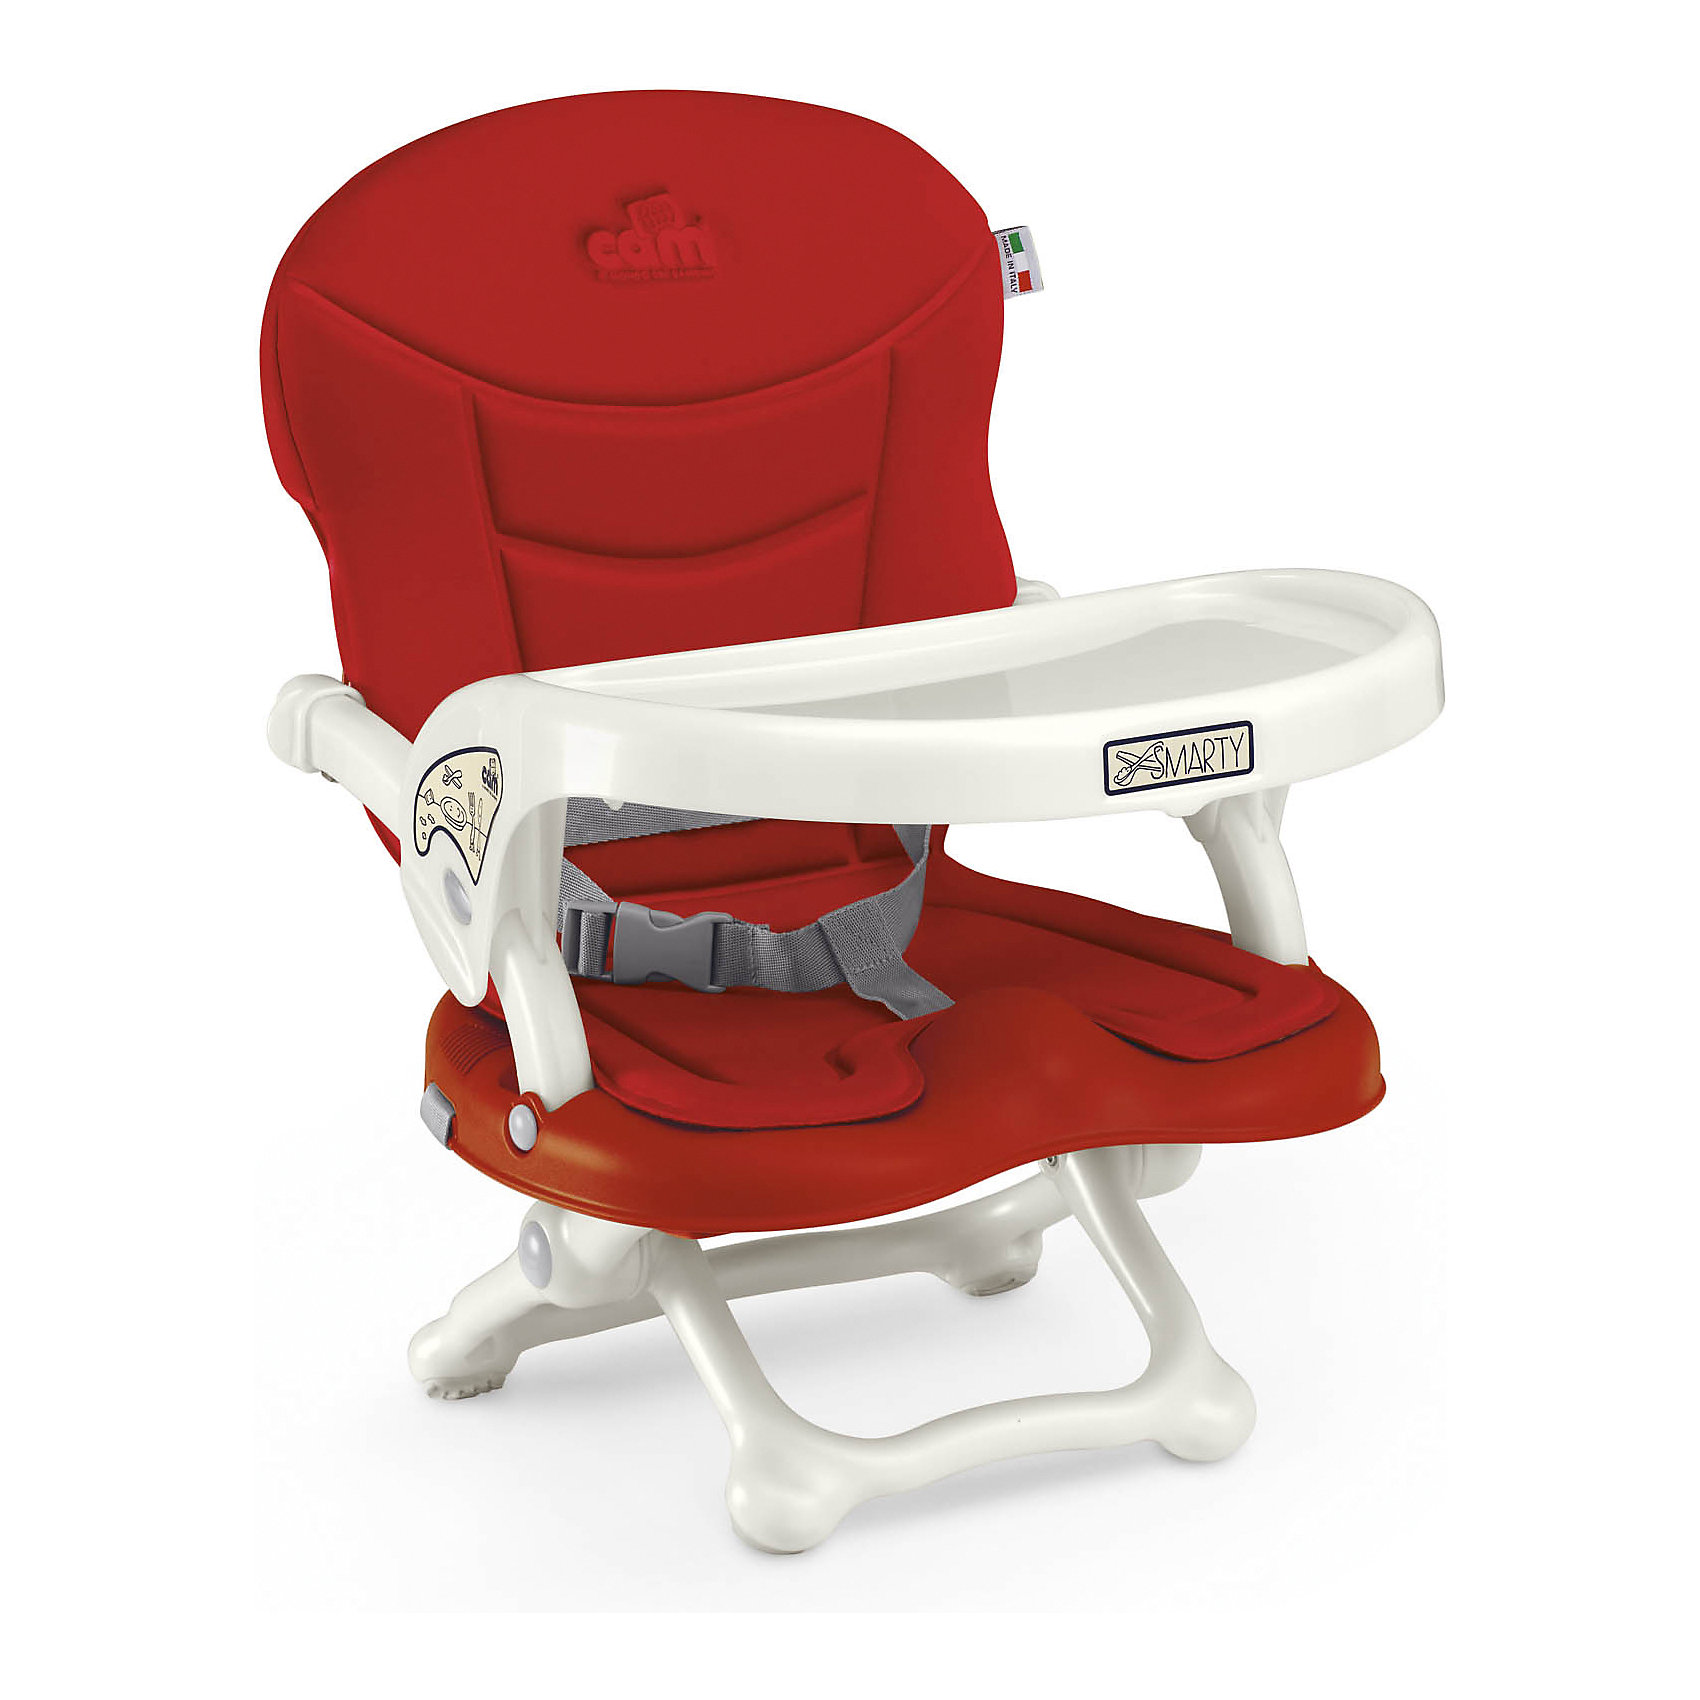 Стульчик для кормления Smarty Pop, CAM, красныйот +6 месяцев<br>Стульчик для кормления Smarty Pop, CAM, красный – компактная модель для дома и дачи.<br>Тип стульчика – бустер. Он крепится к обычной мебели и может быть отрегулирован с помощью 4 уровней высоты сидения. Мягкое сидение и подлокотники делают сиденье комфортным для ребенка, а ремни безопасности защищают малыша от падения и не дают ему выбраться самостоятельно. <br><br> Дополнительная информация:<br><br>- цвет: красный<br>- размер: 35х41х50 см<br>- вес: 1,7<br><br>Стульчик для кормления Smarty Pop, CAM, красный можно купить в нашем интернет магазине.<br><br>Ширина мм: 600<br>Глубина мм: 435<br>Высота мм: 377<br>Вес г: 2000<br>Возраст от месяцев: 6<br>Возраст до месяцев: 36<br>Пол: Унисекс<br>Возраст: Детский<br>SKU: 5013519